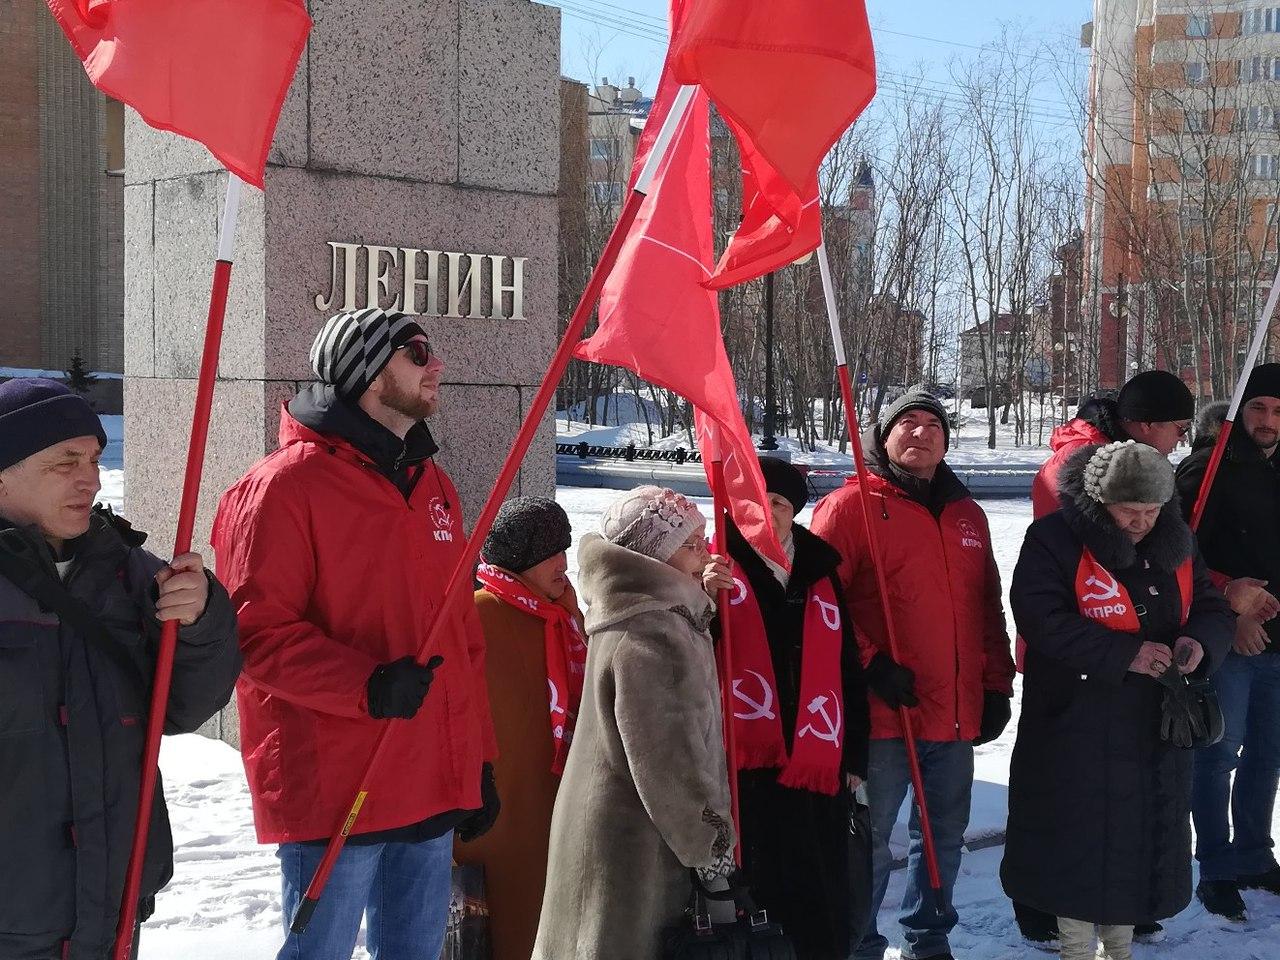 В Салехарде прошел пикет в честь Дня рождения В.И. Ленина